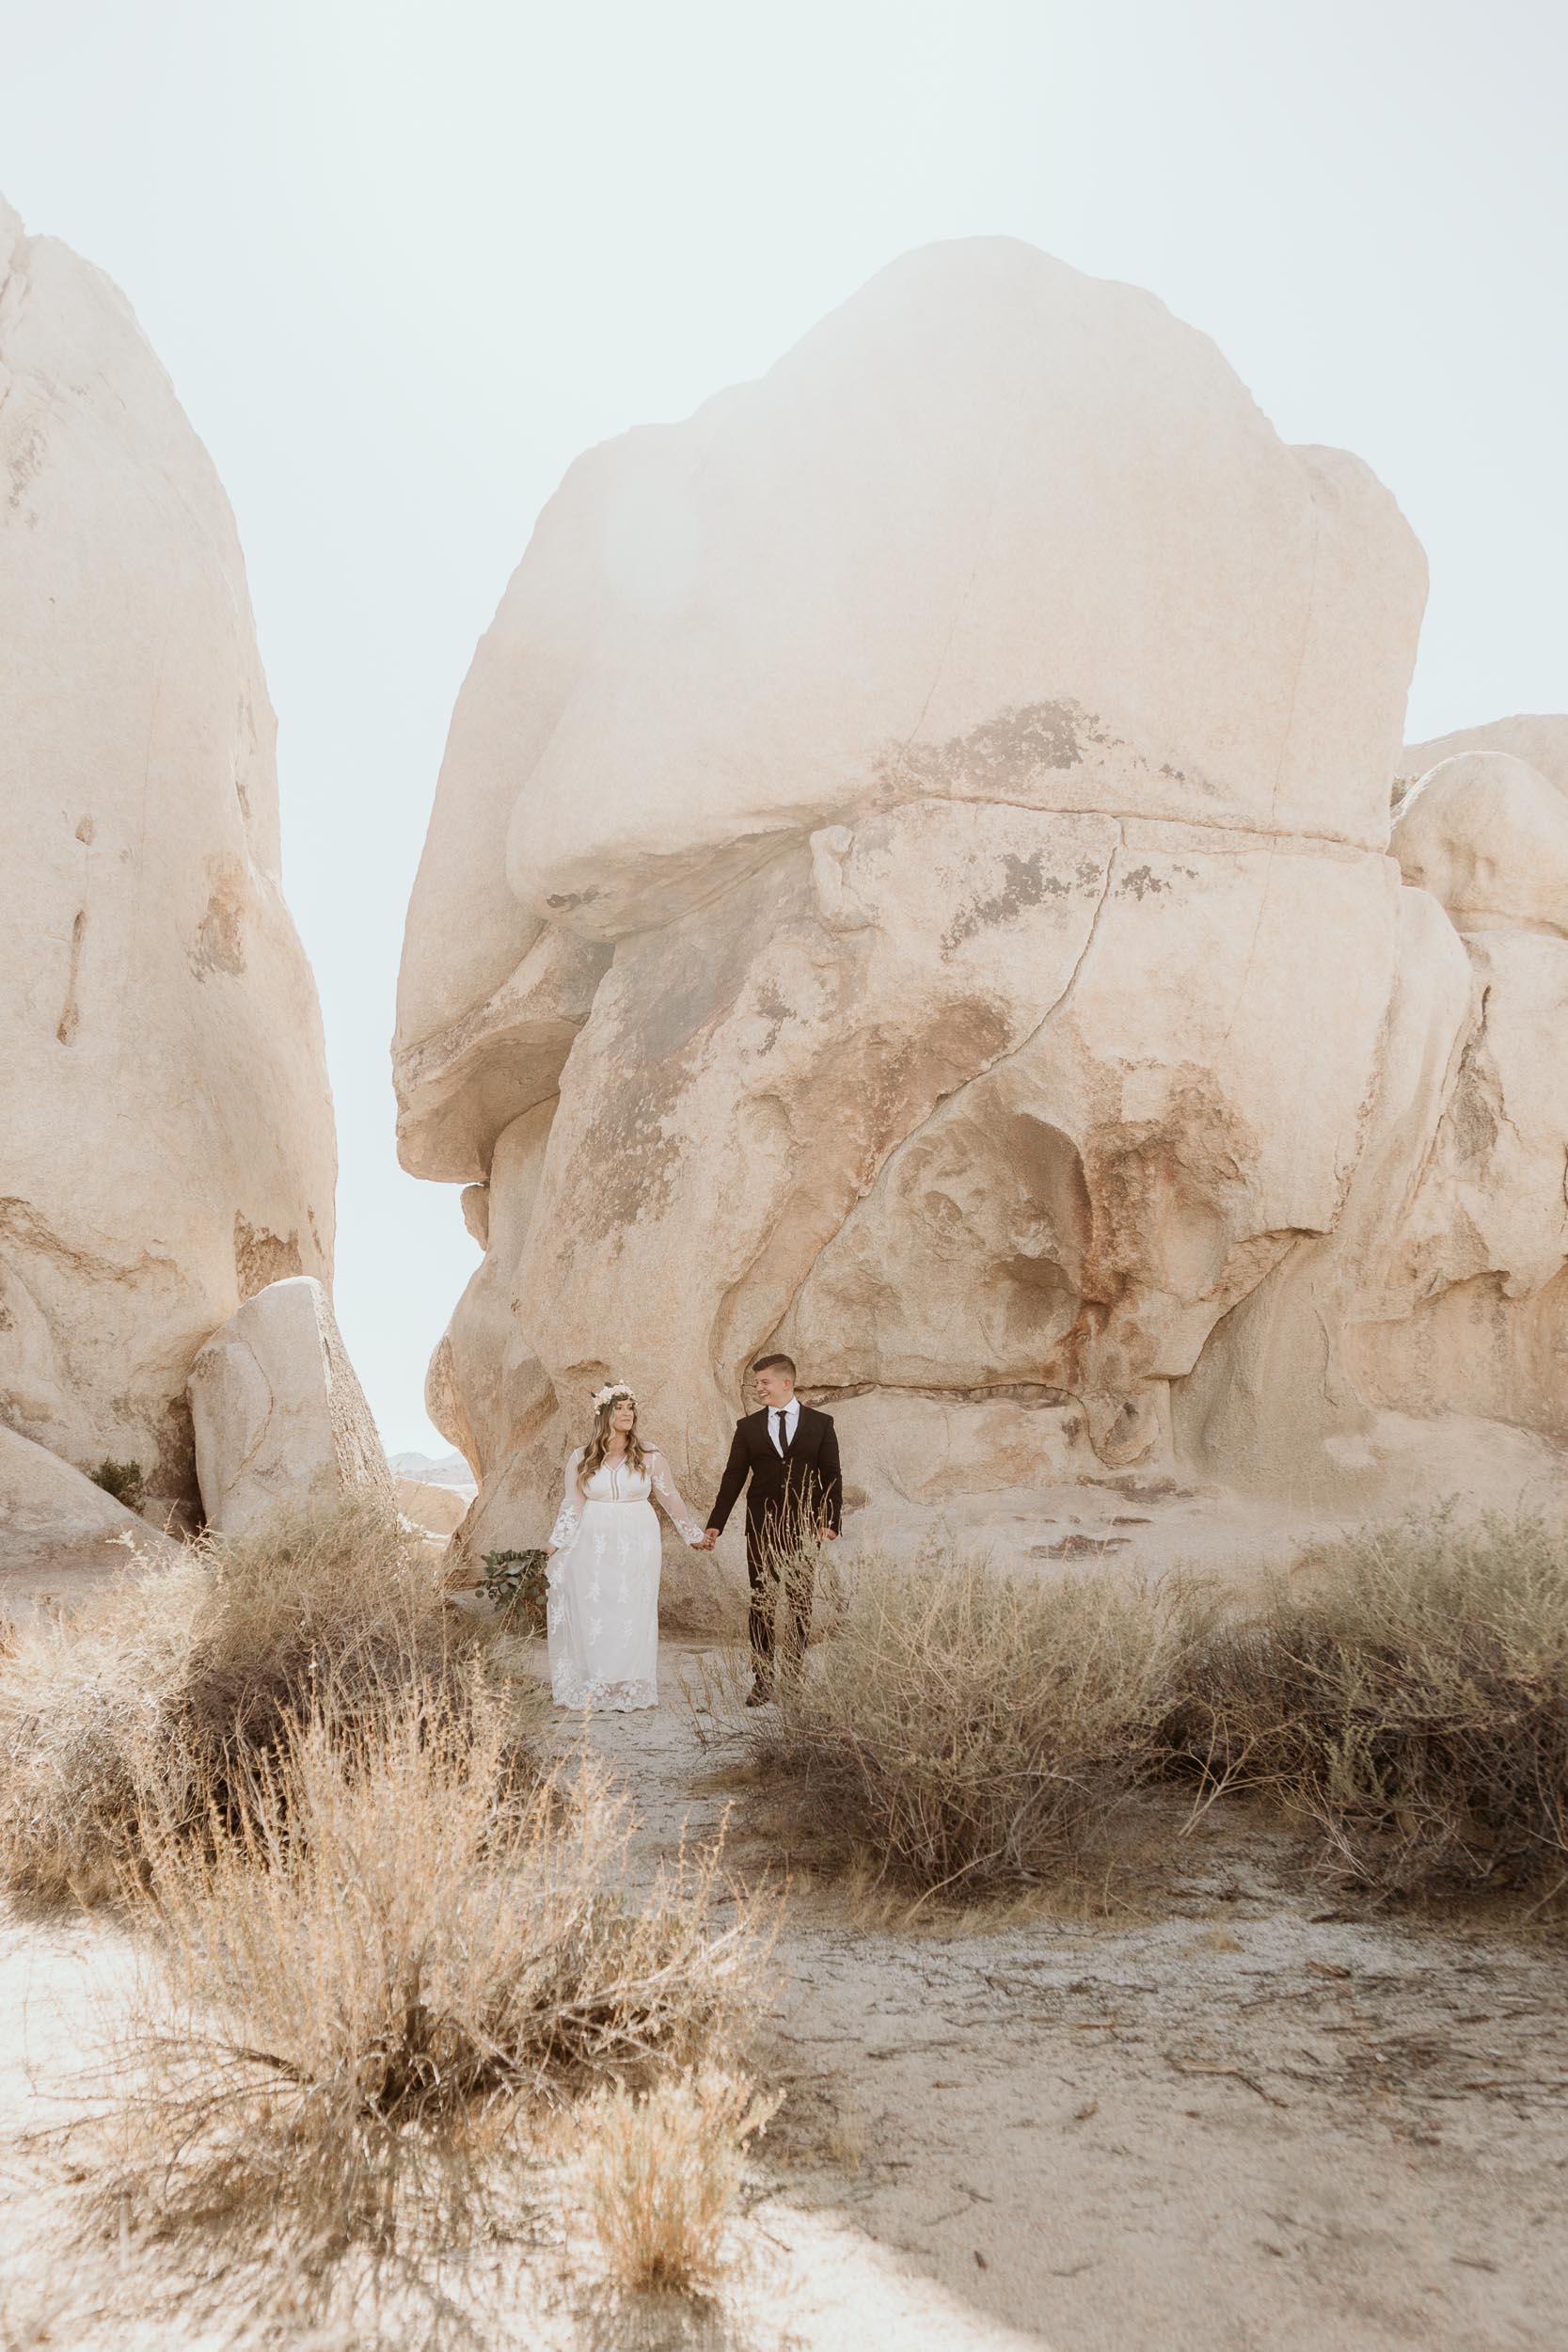 intimate-wedding-elopement-photographer-ottawa-joshua-tree-9995.jpg